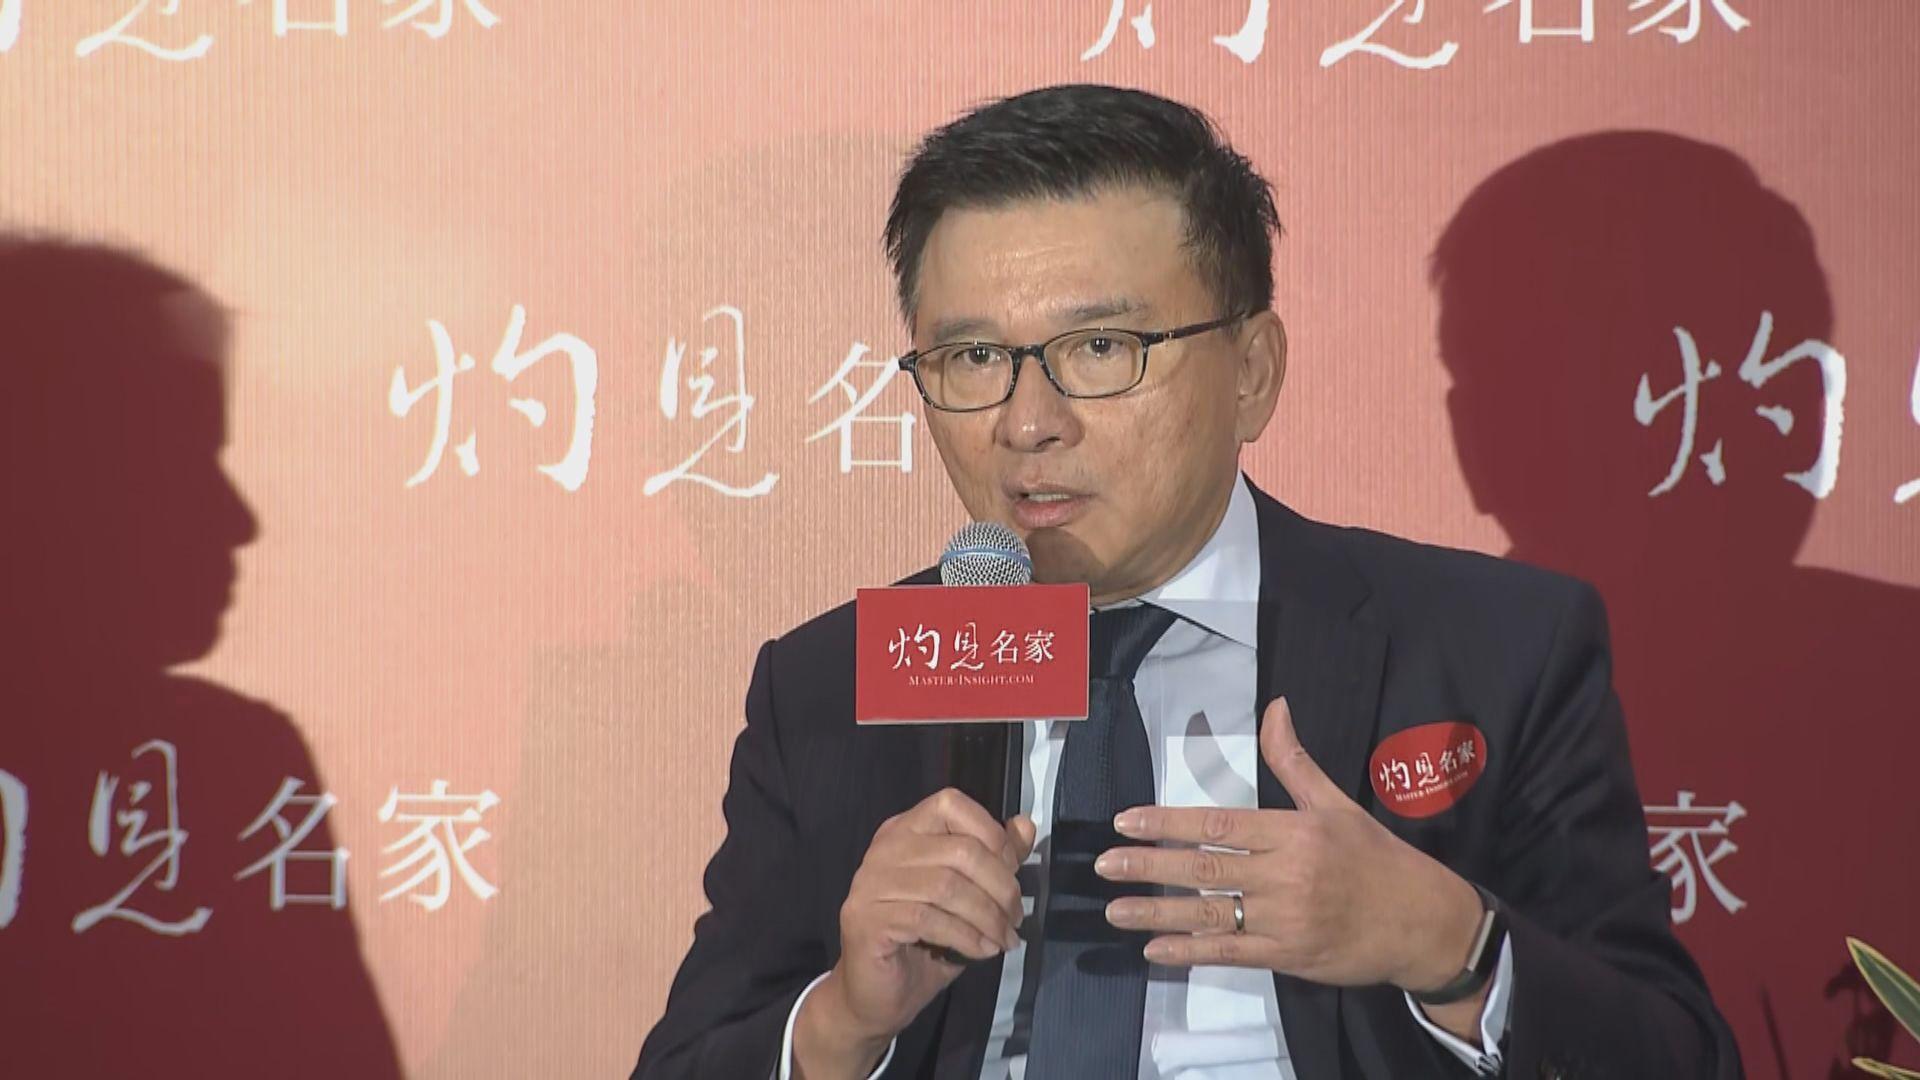 【虛擬銀行】陳家強:虛擬銀行不會有爆炸性發展